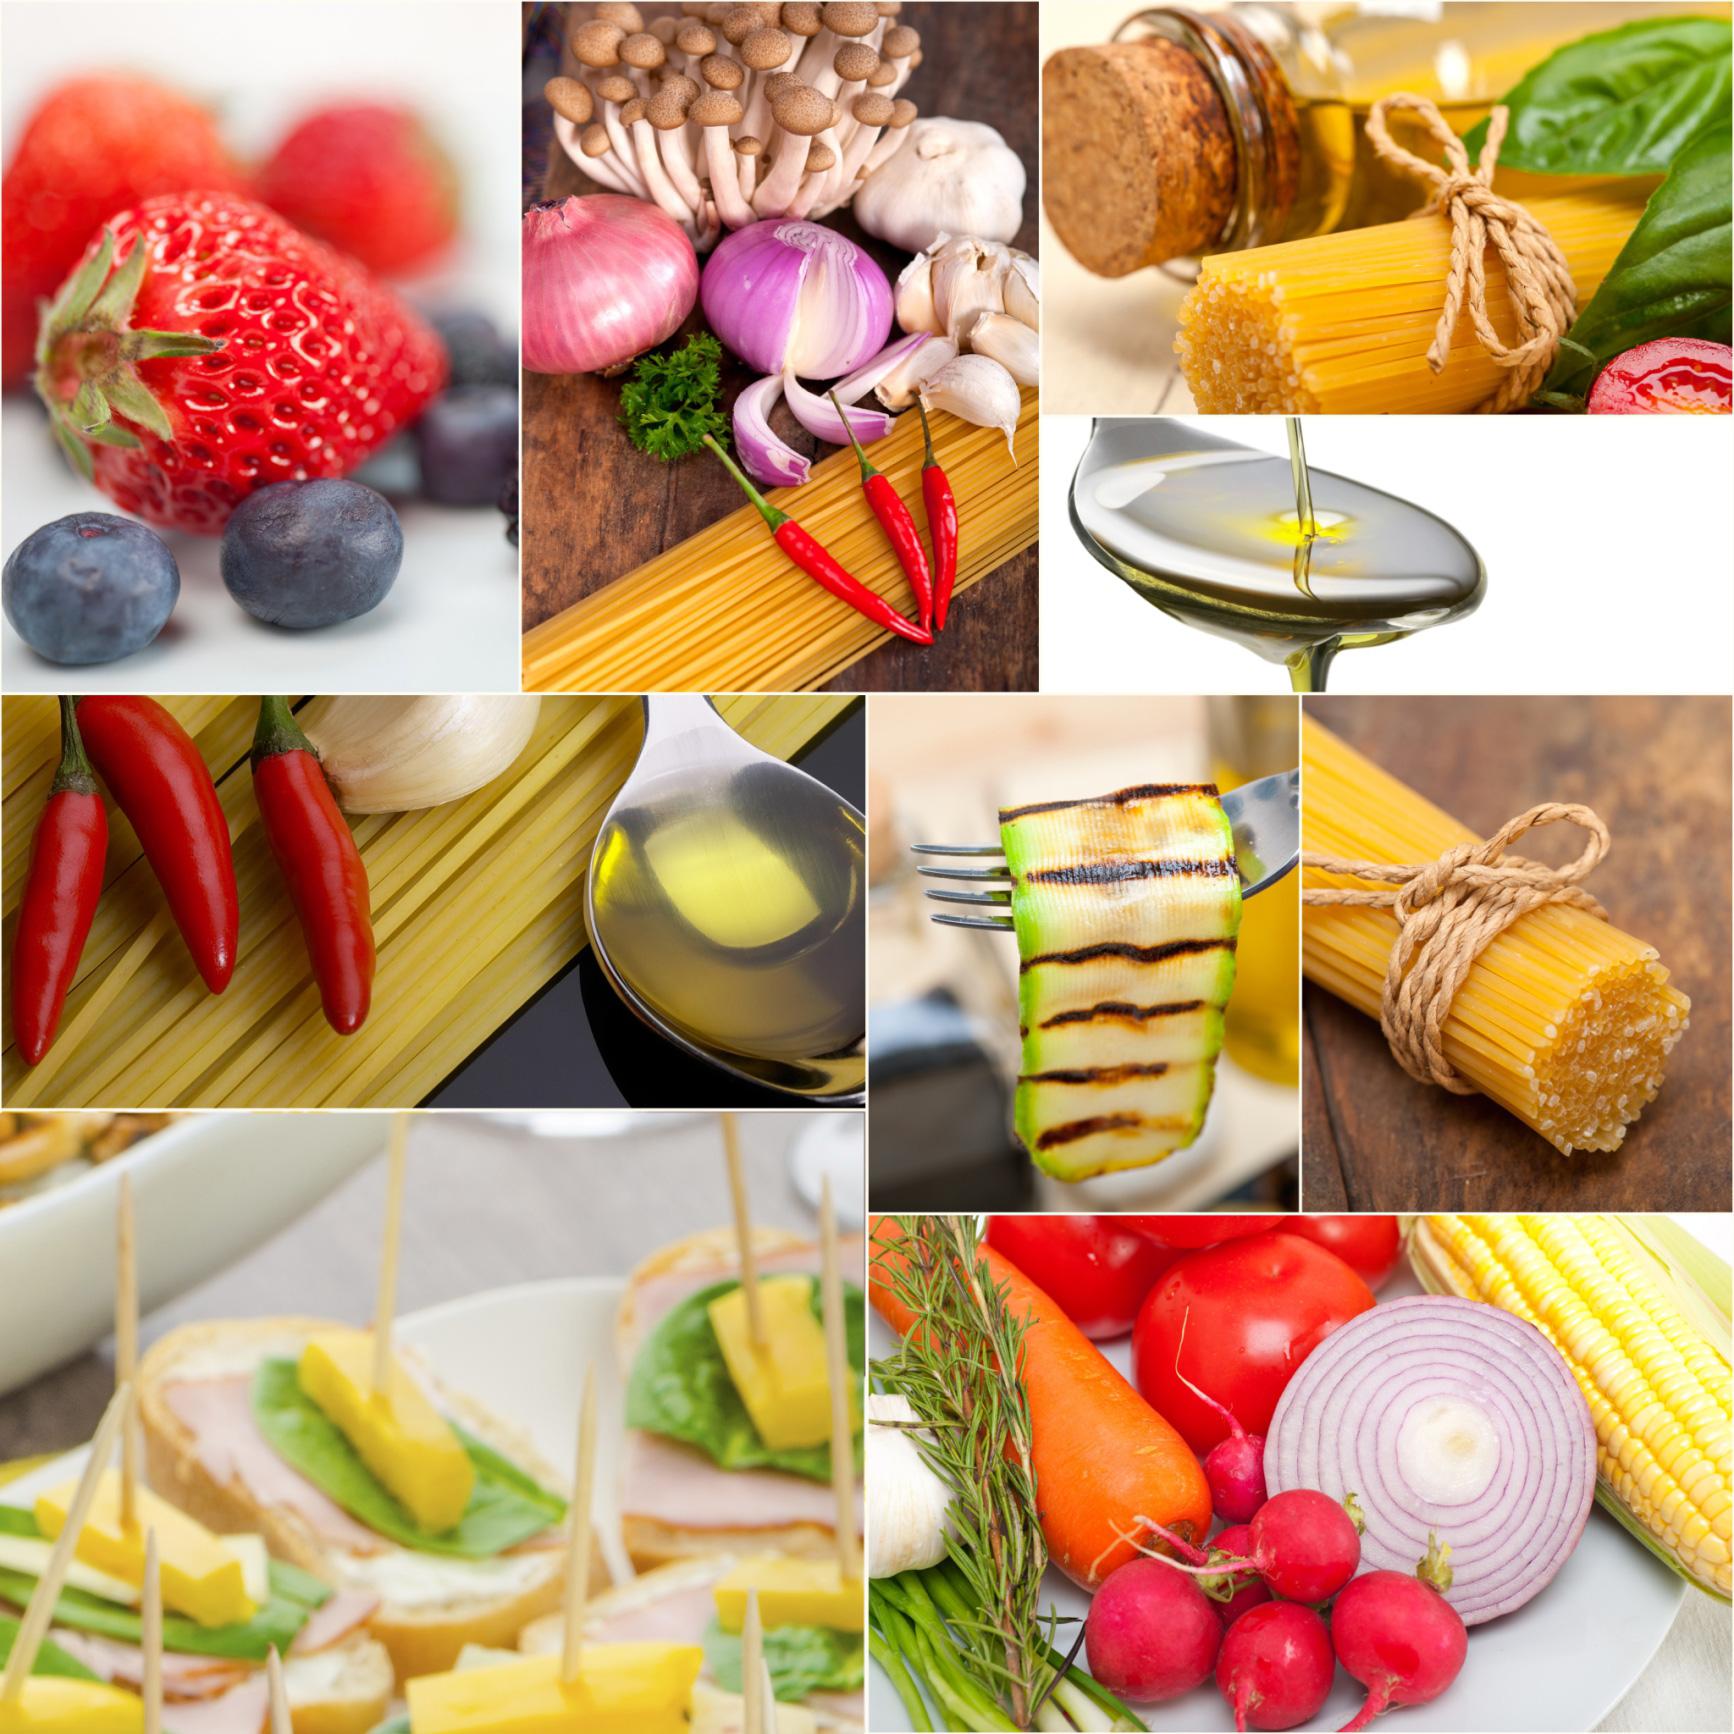 Las 10 recomendaciones de la dieta mediterrnea  Cocinar